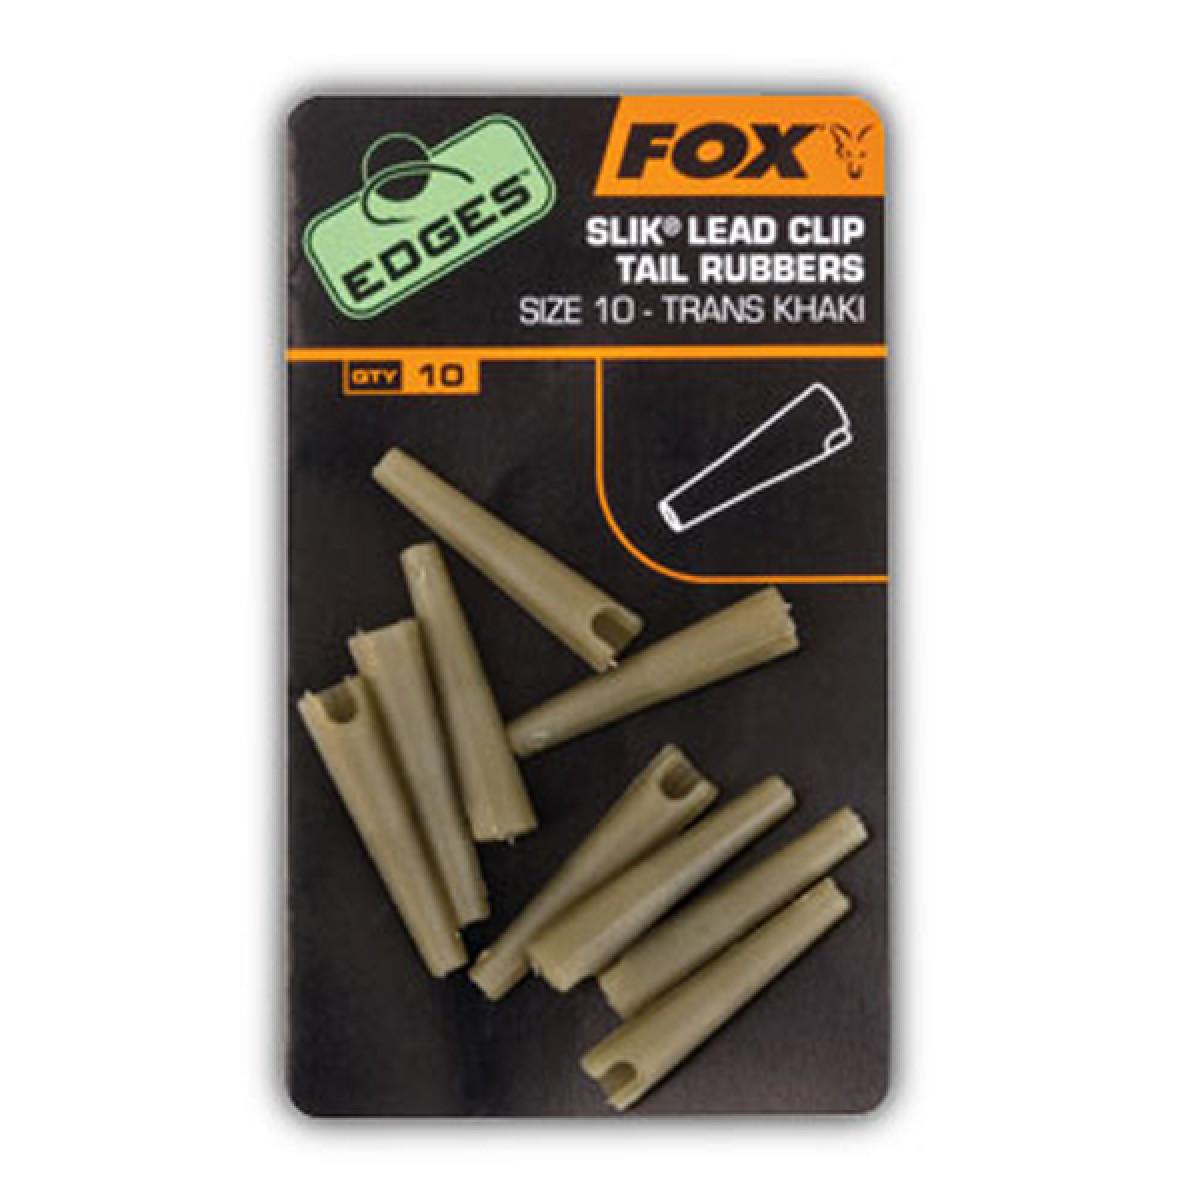 Slik Lead Clip Tail Rubbers